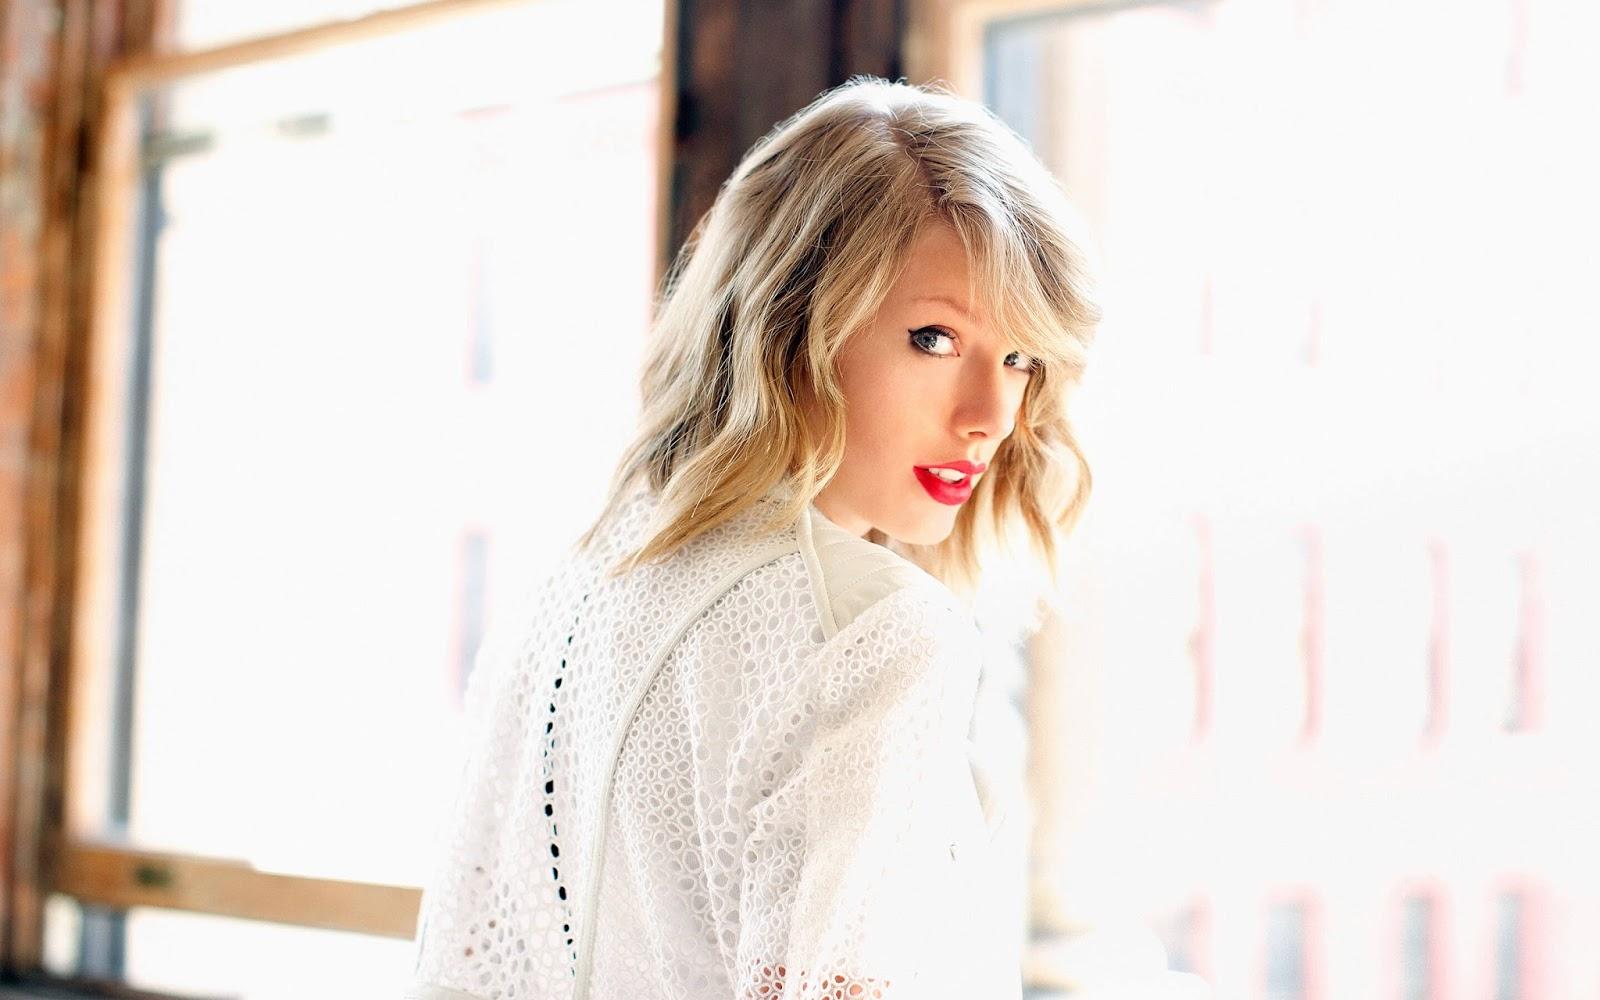 Escucha un adelanto de lo que posiblemente sea una nueva canción de Taylor Swift